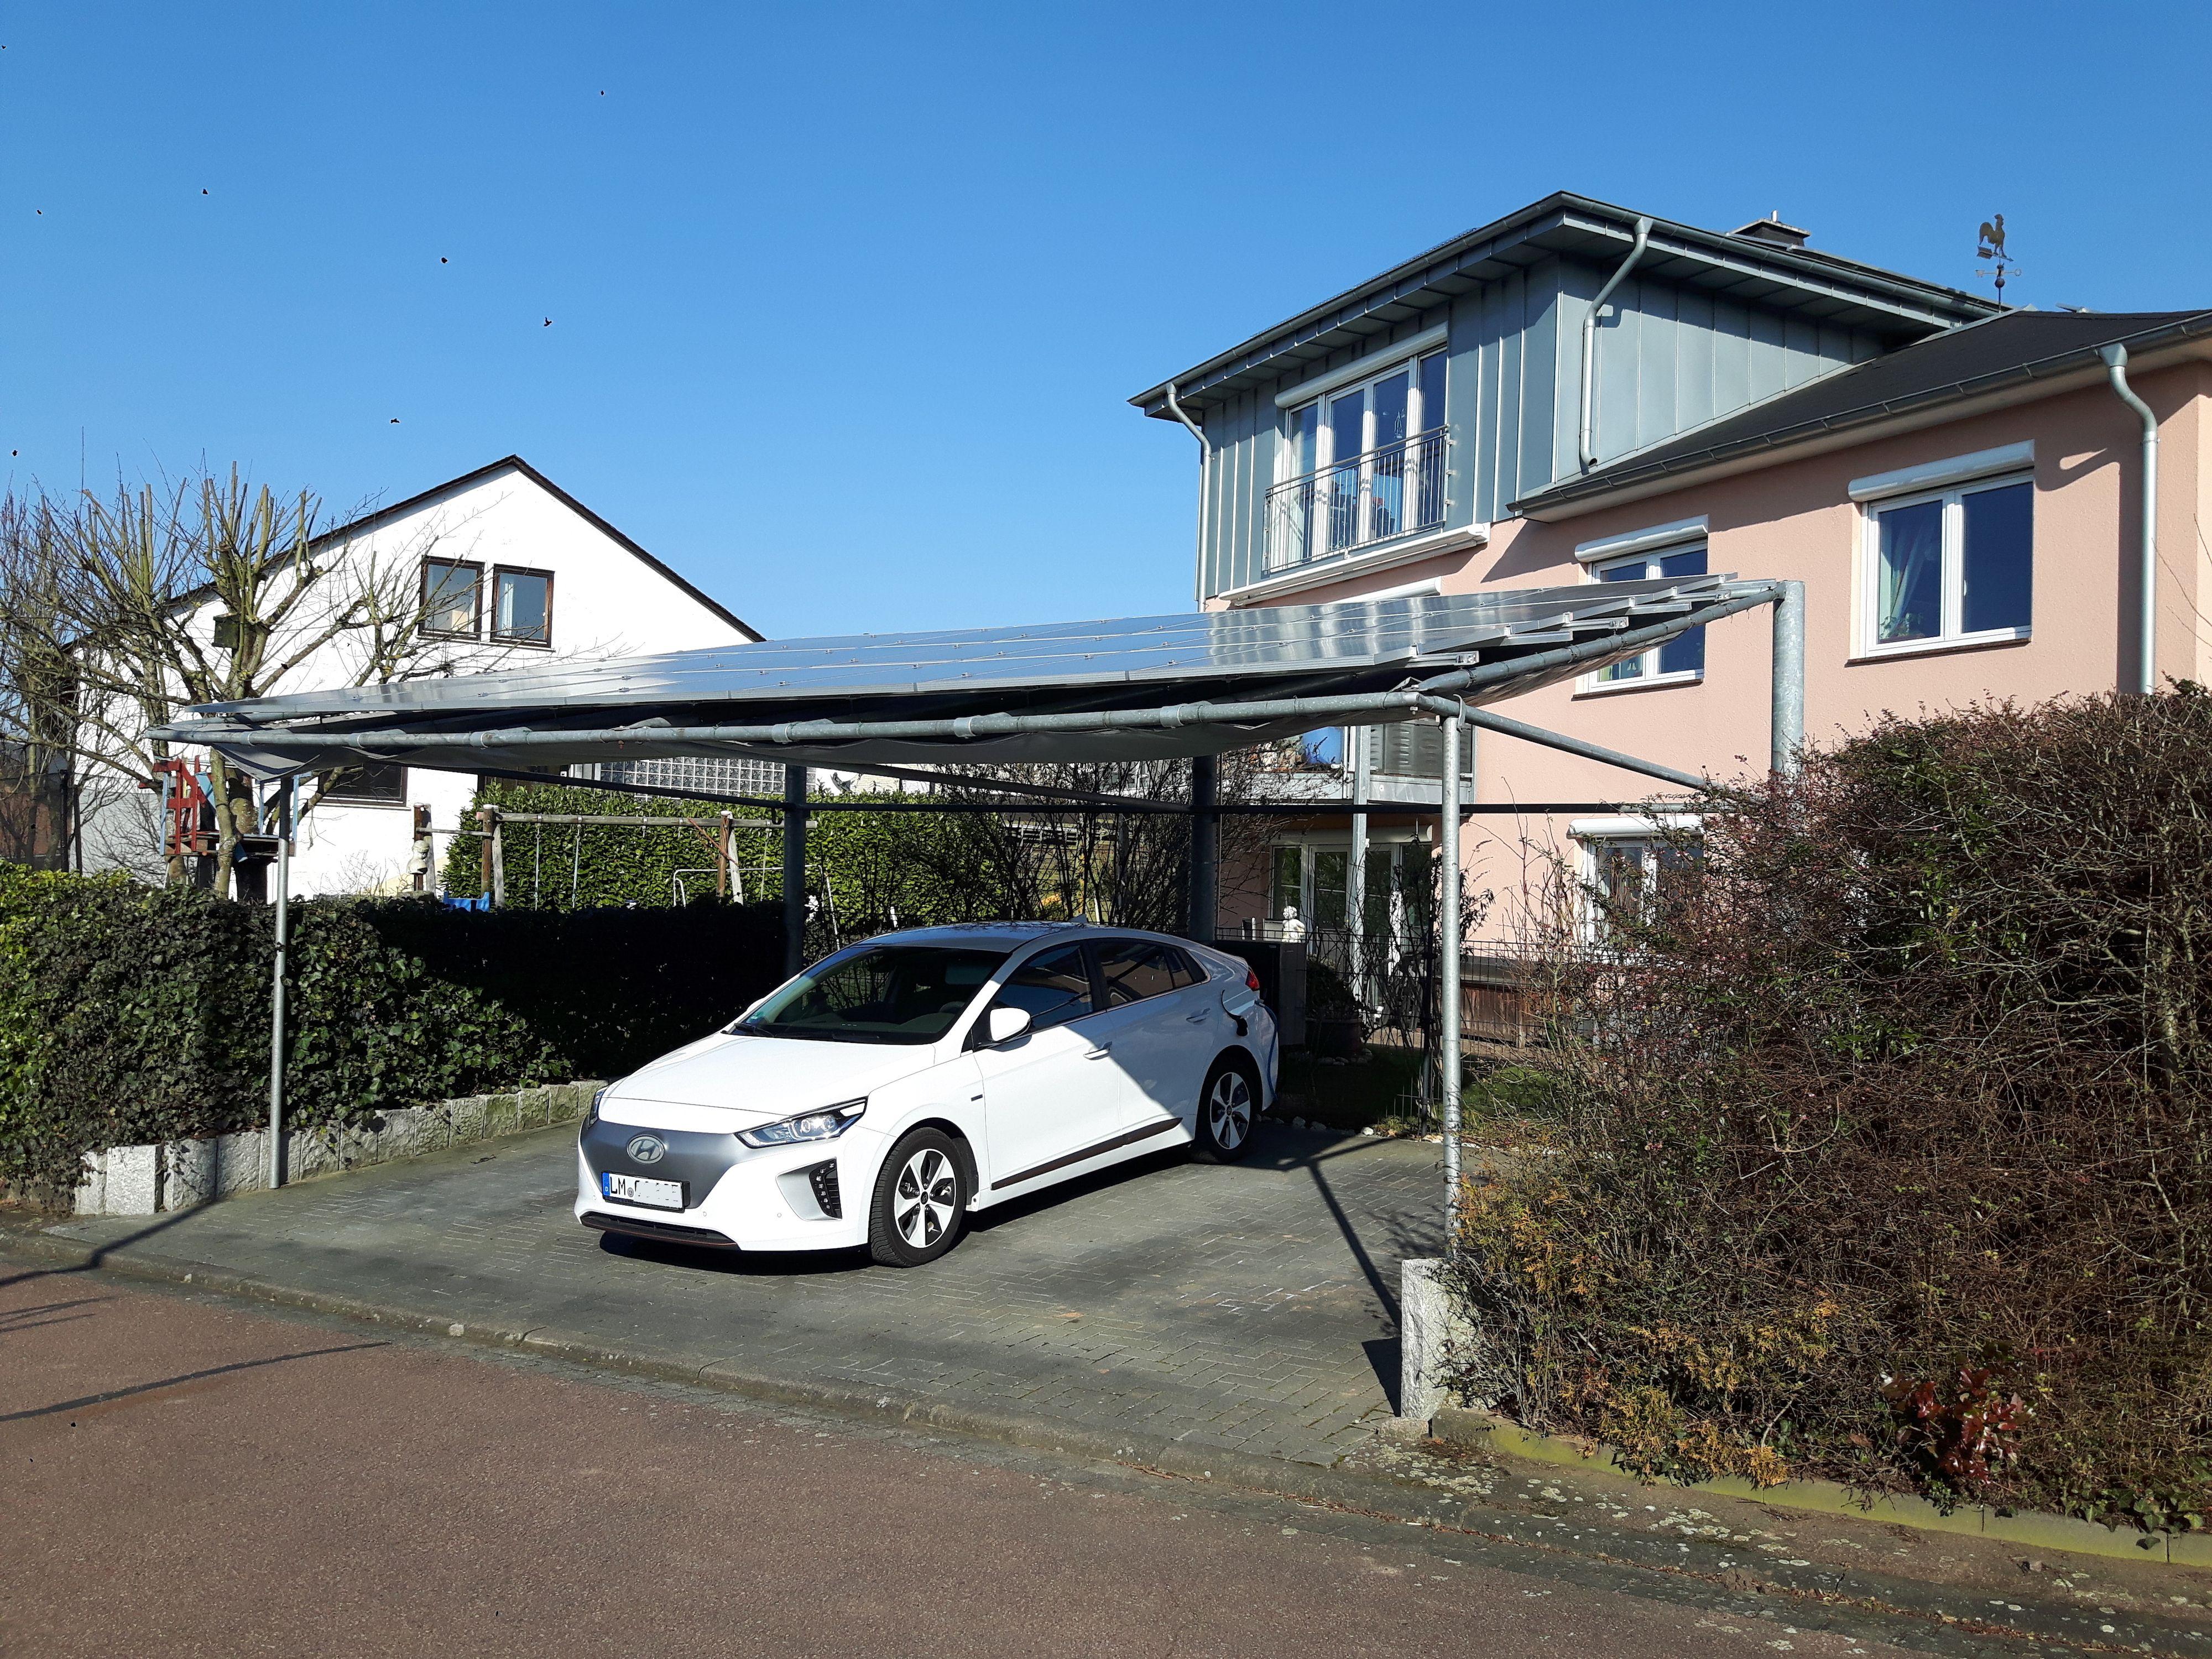 Carport mit Solardach, Preis auf Anfrage solar carport